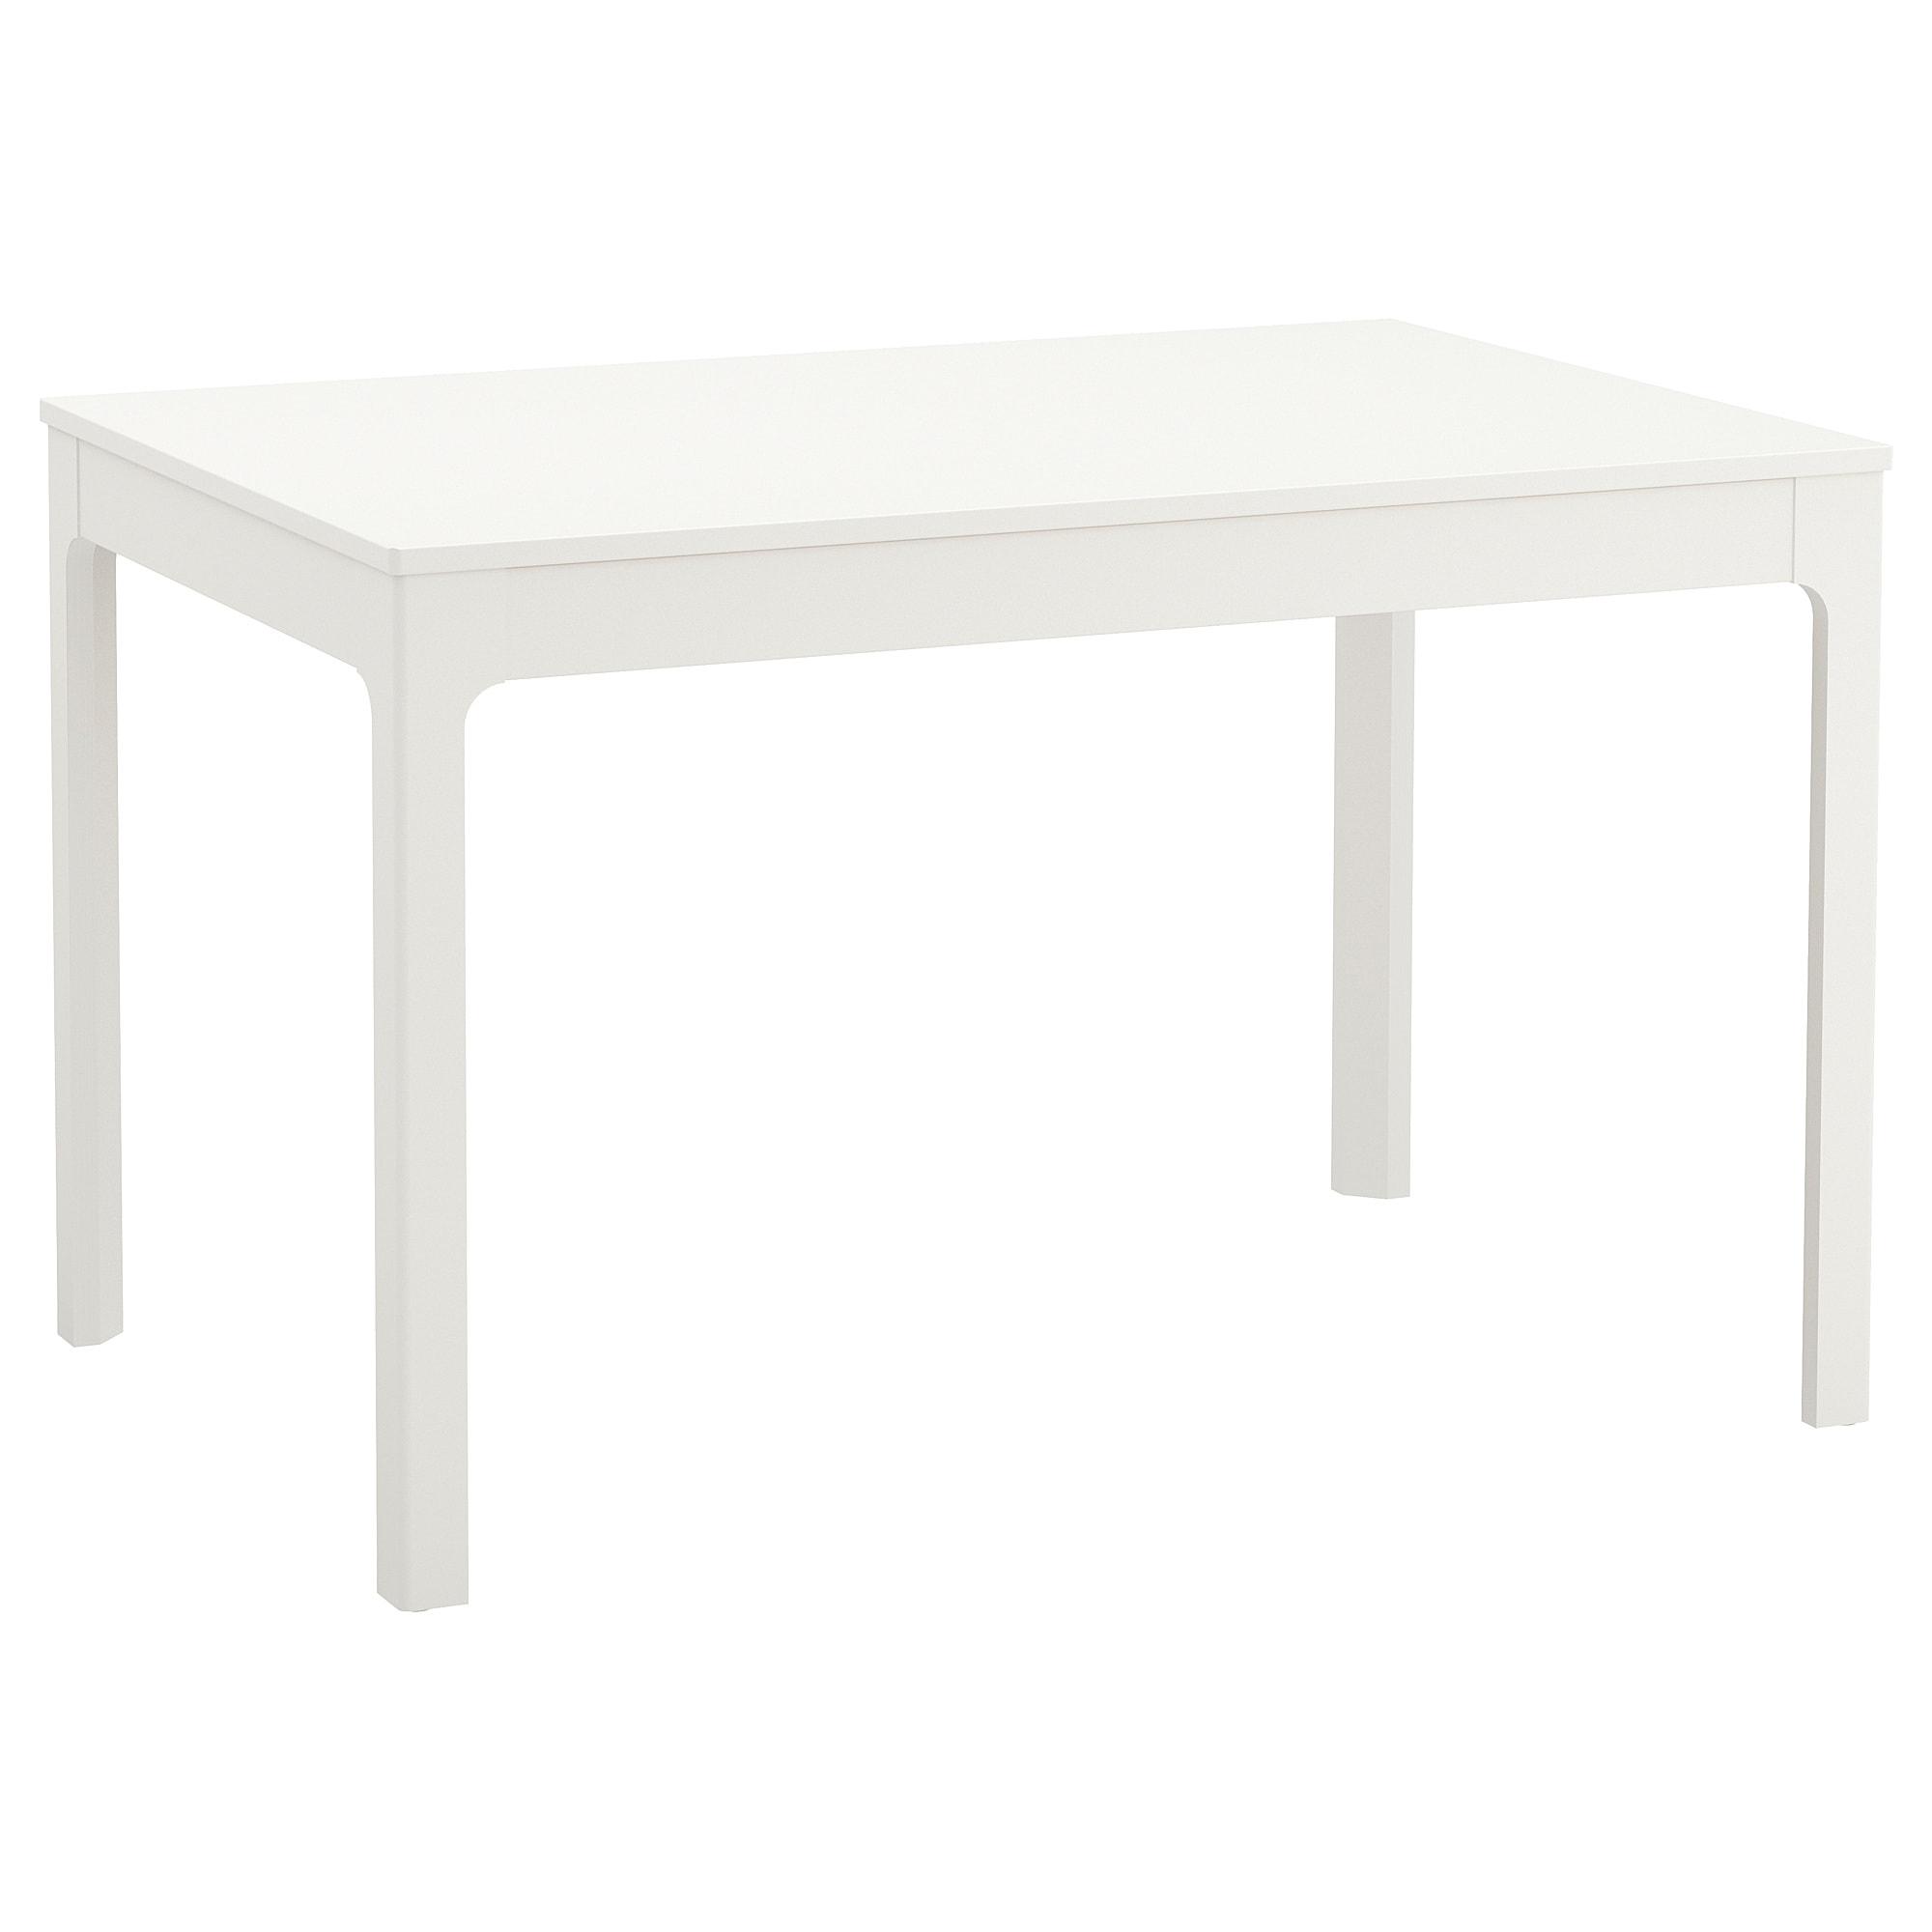 Mesas De Comedor Extensibles Ikea Etdg Mesas Plegables Extensibles Pra Online Ikea